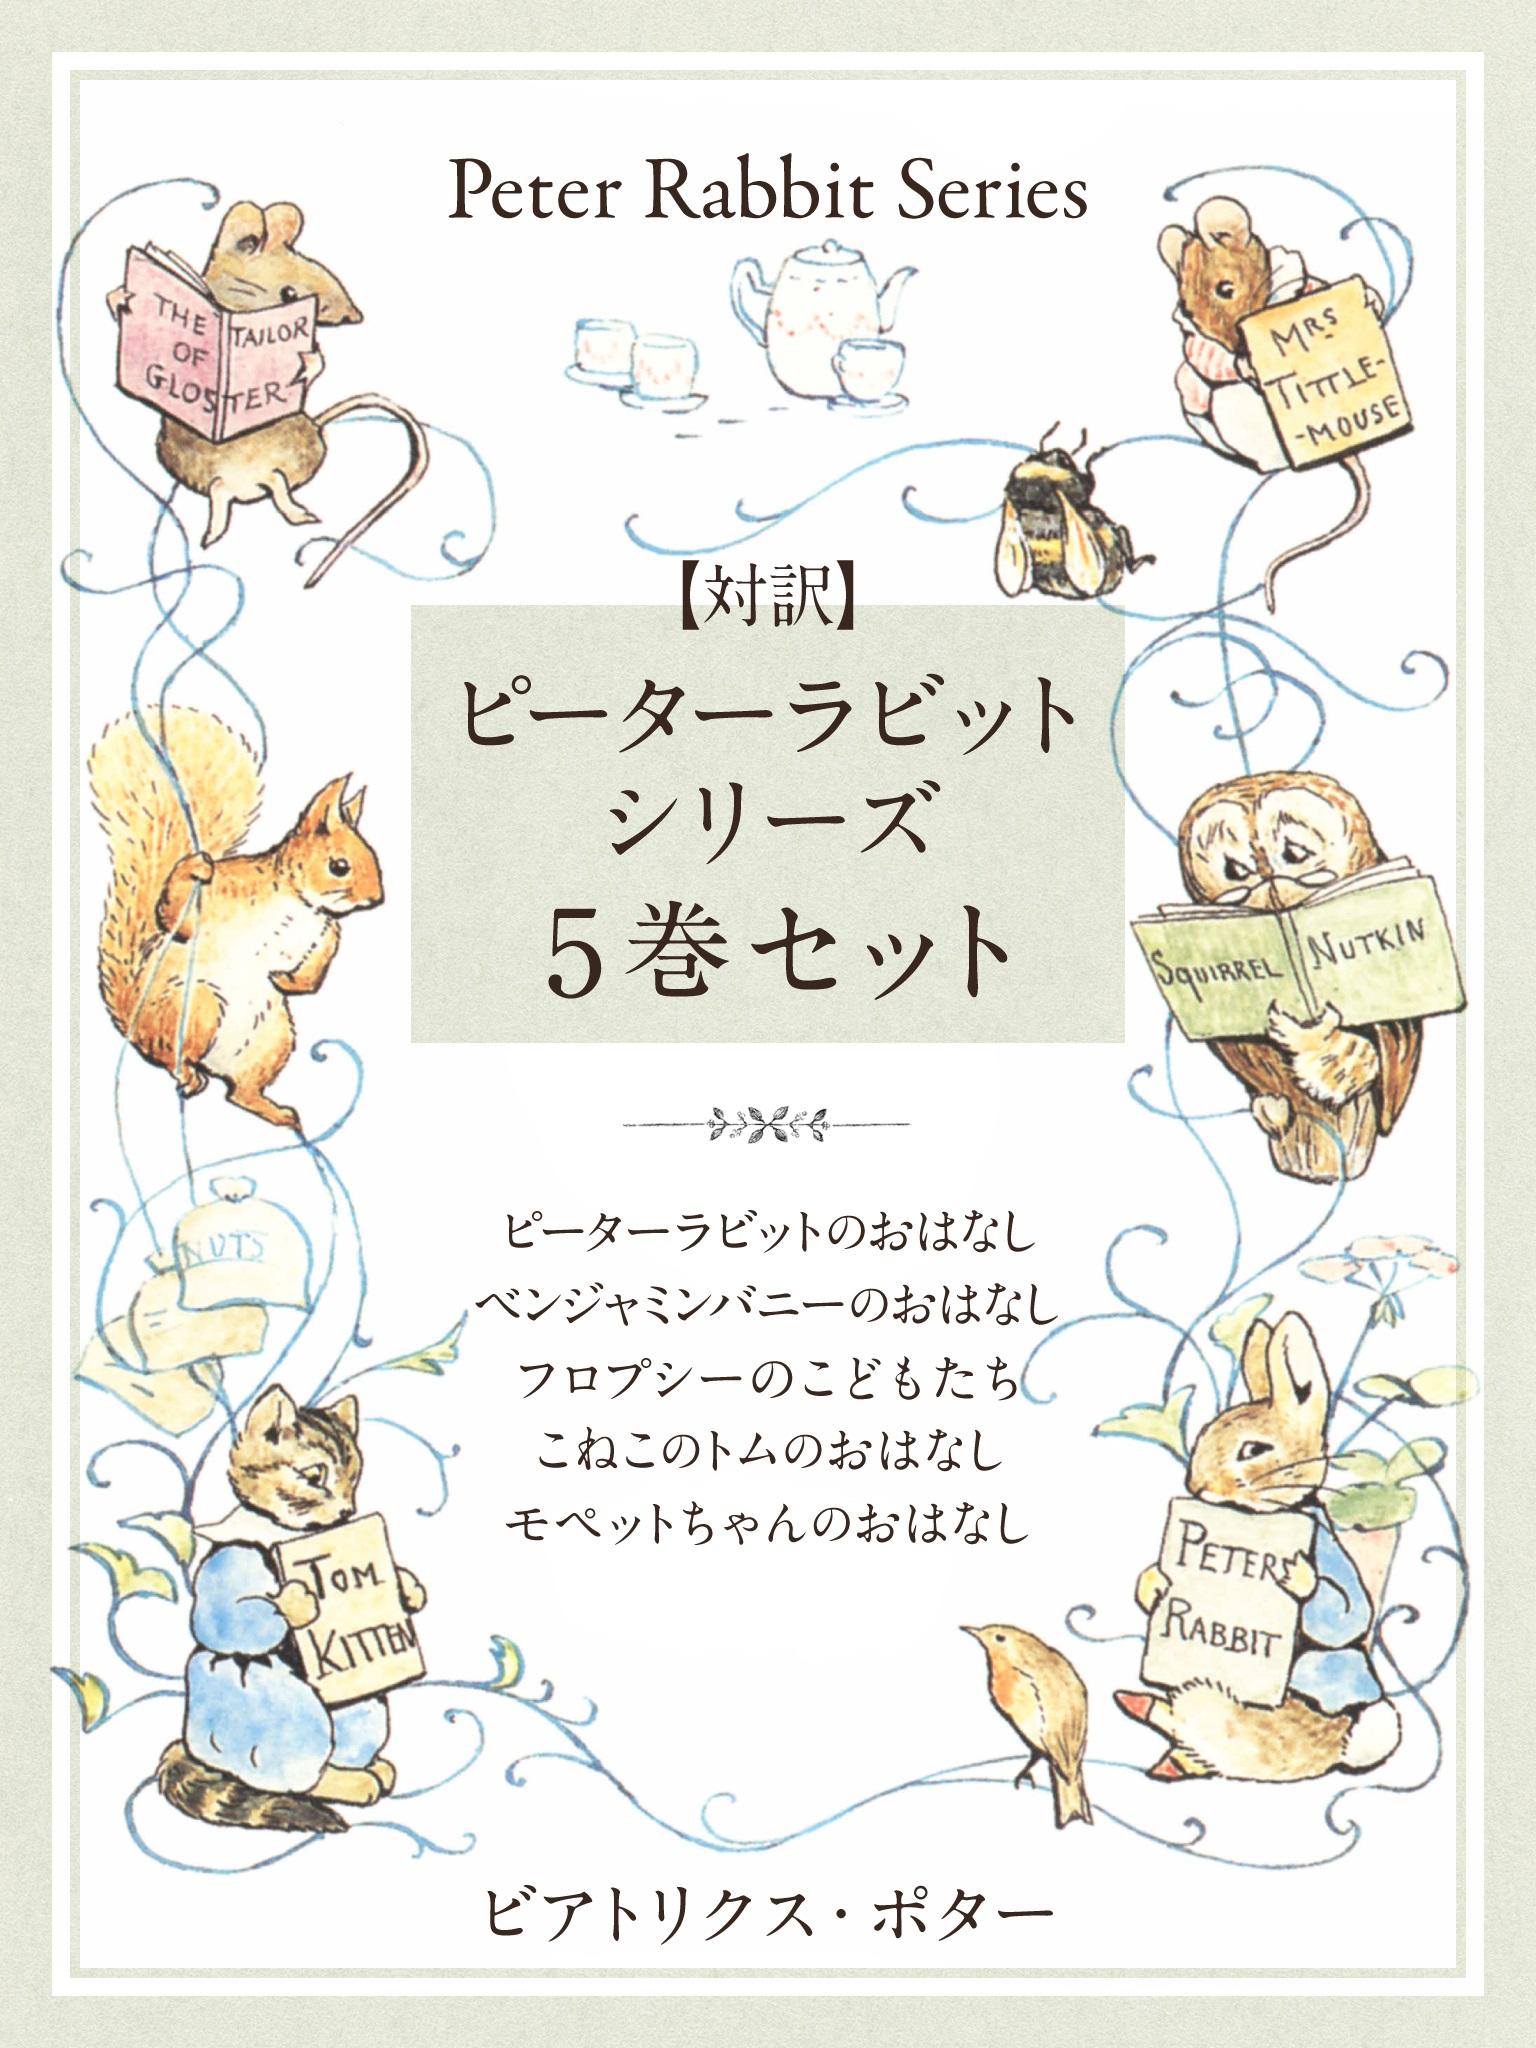 【対訳】ピーターラビットシリーズ 5巻セット